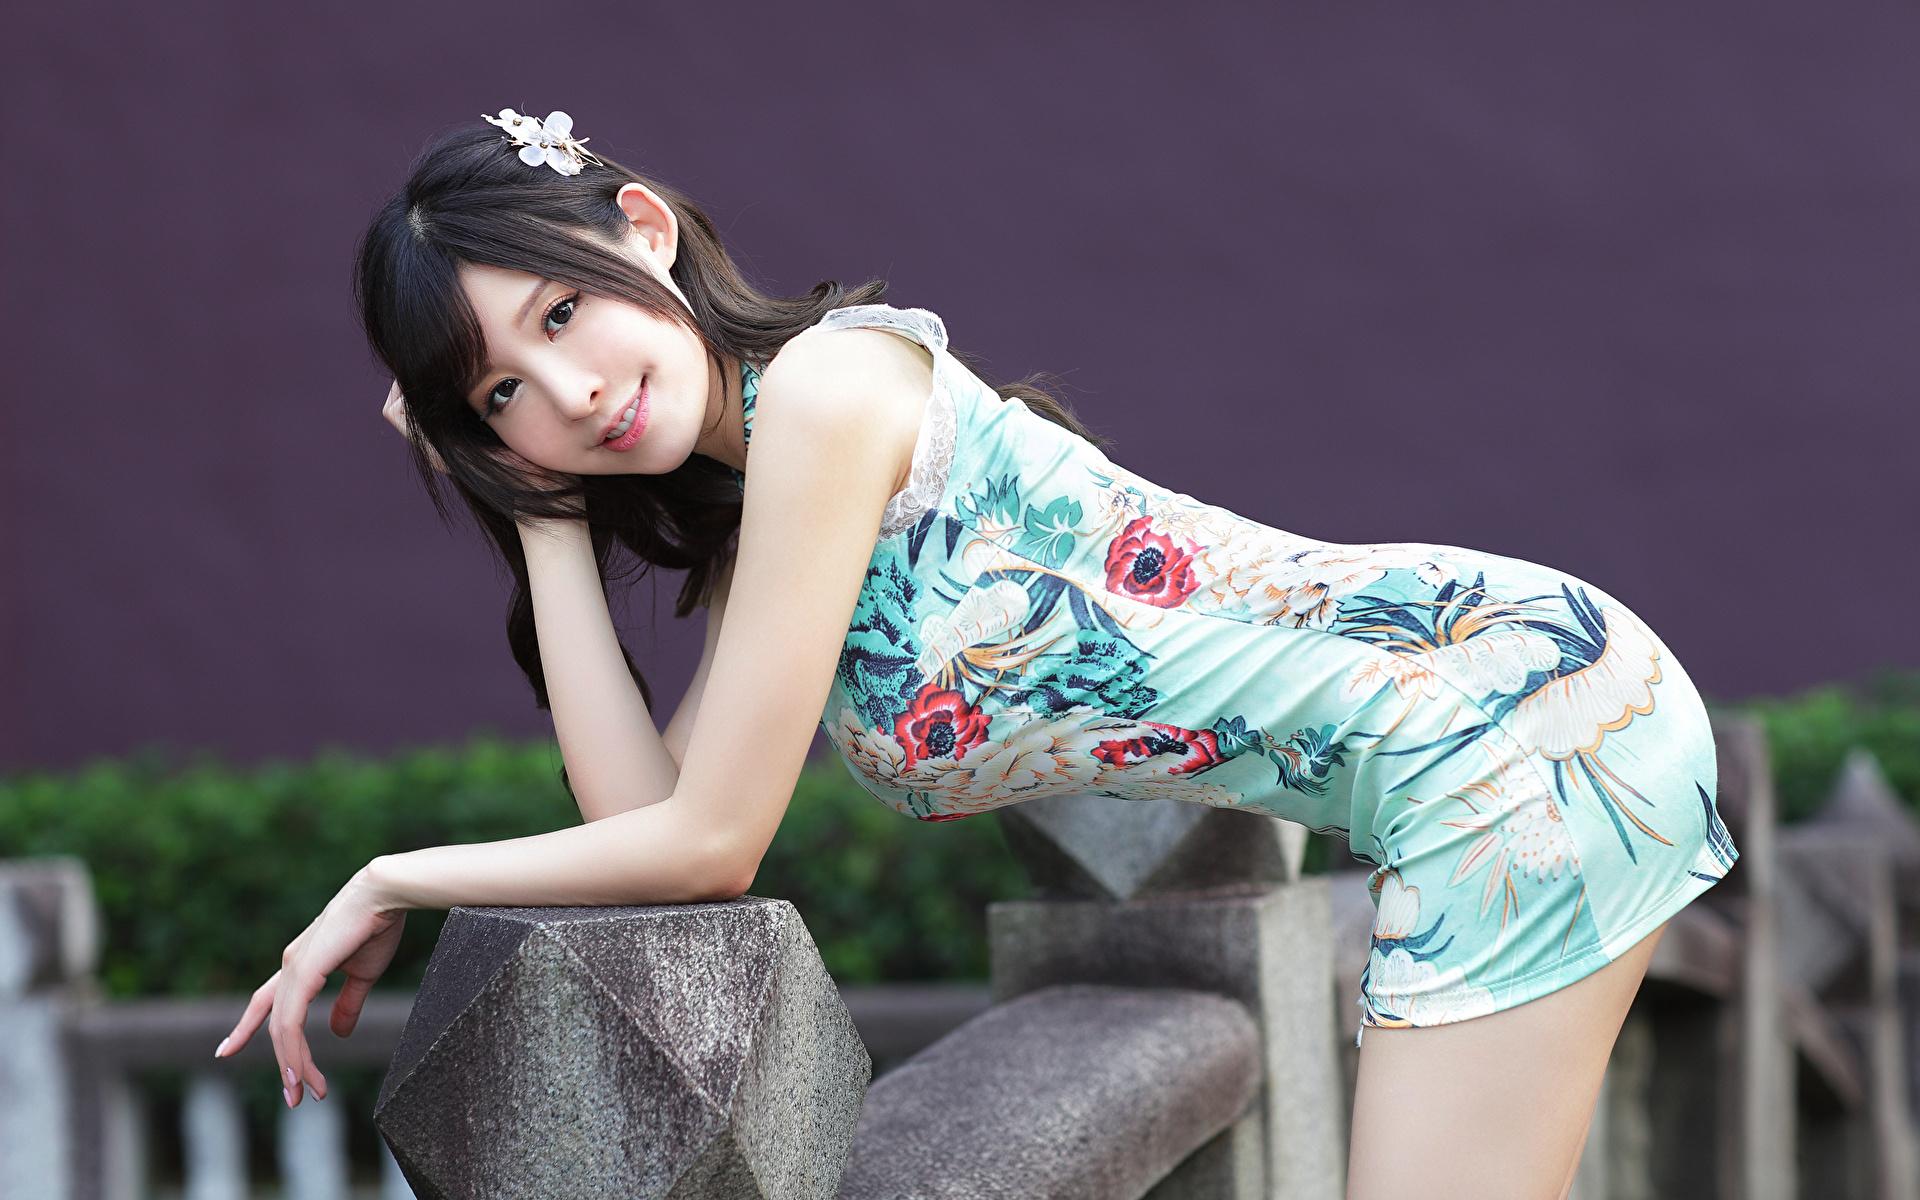 Фото Поза красивый Девушки Азиаты Взгляд платья 1920x1200 позирует красивая Красивые девушка молодая женщина молодые женщины азиатки азиатка смотрит смотрят Платье